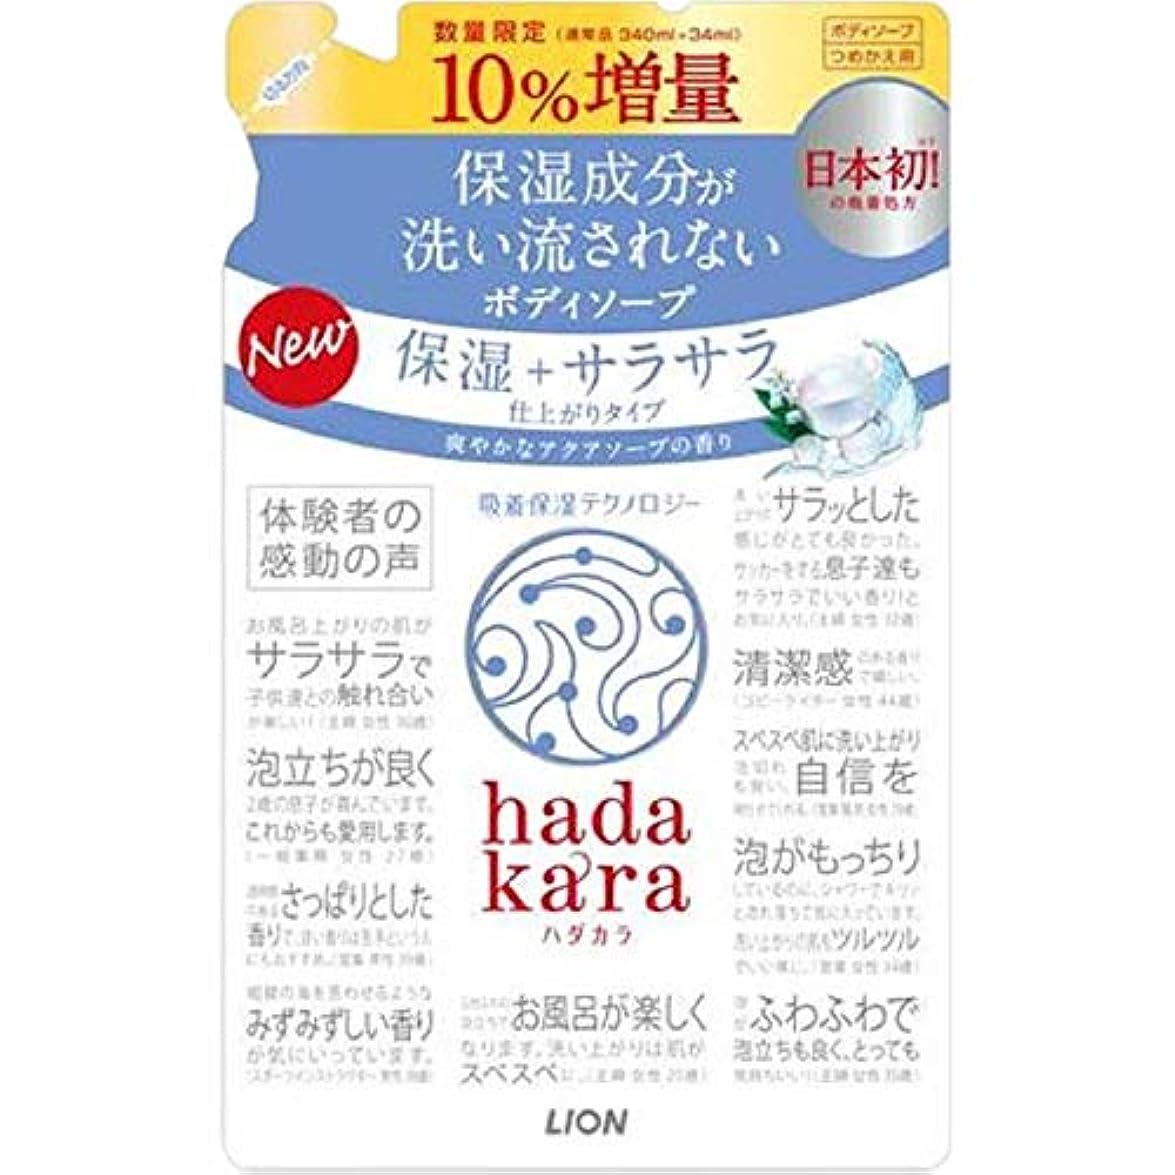 フリンジ実験的競争力のあるライオン hadakara ボディソープ アクアソープ詰替増量 374ml